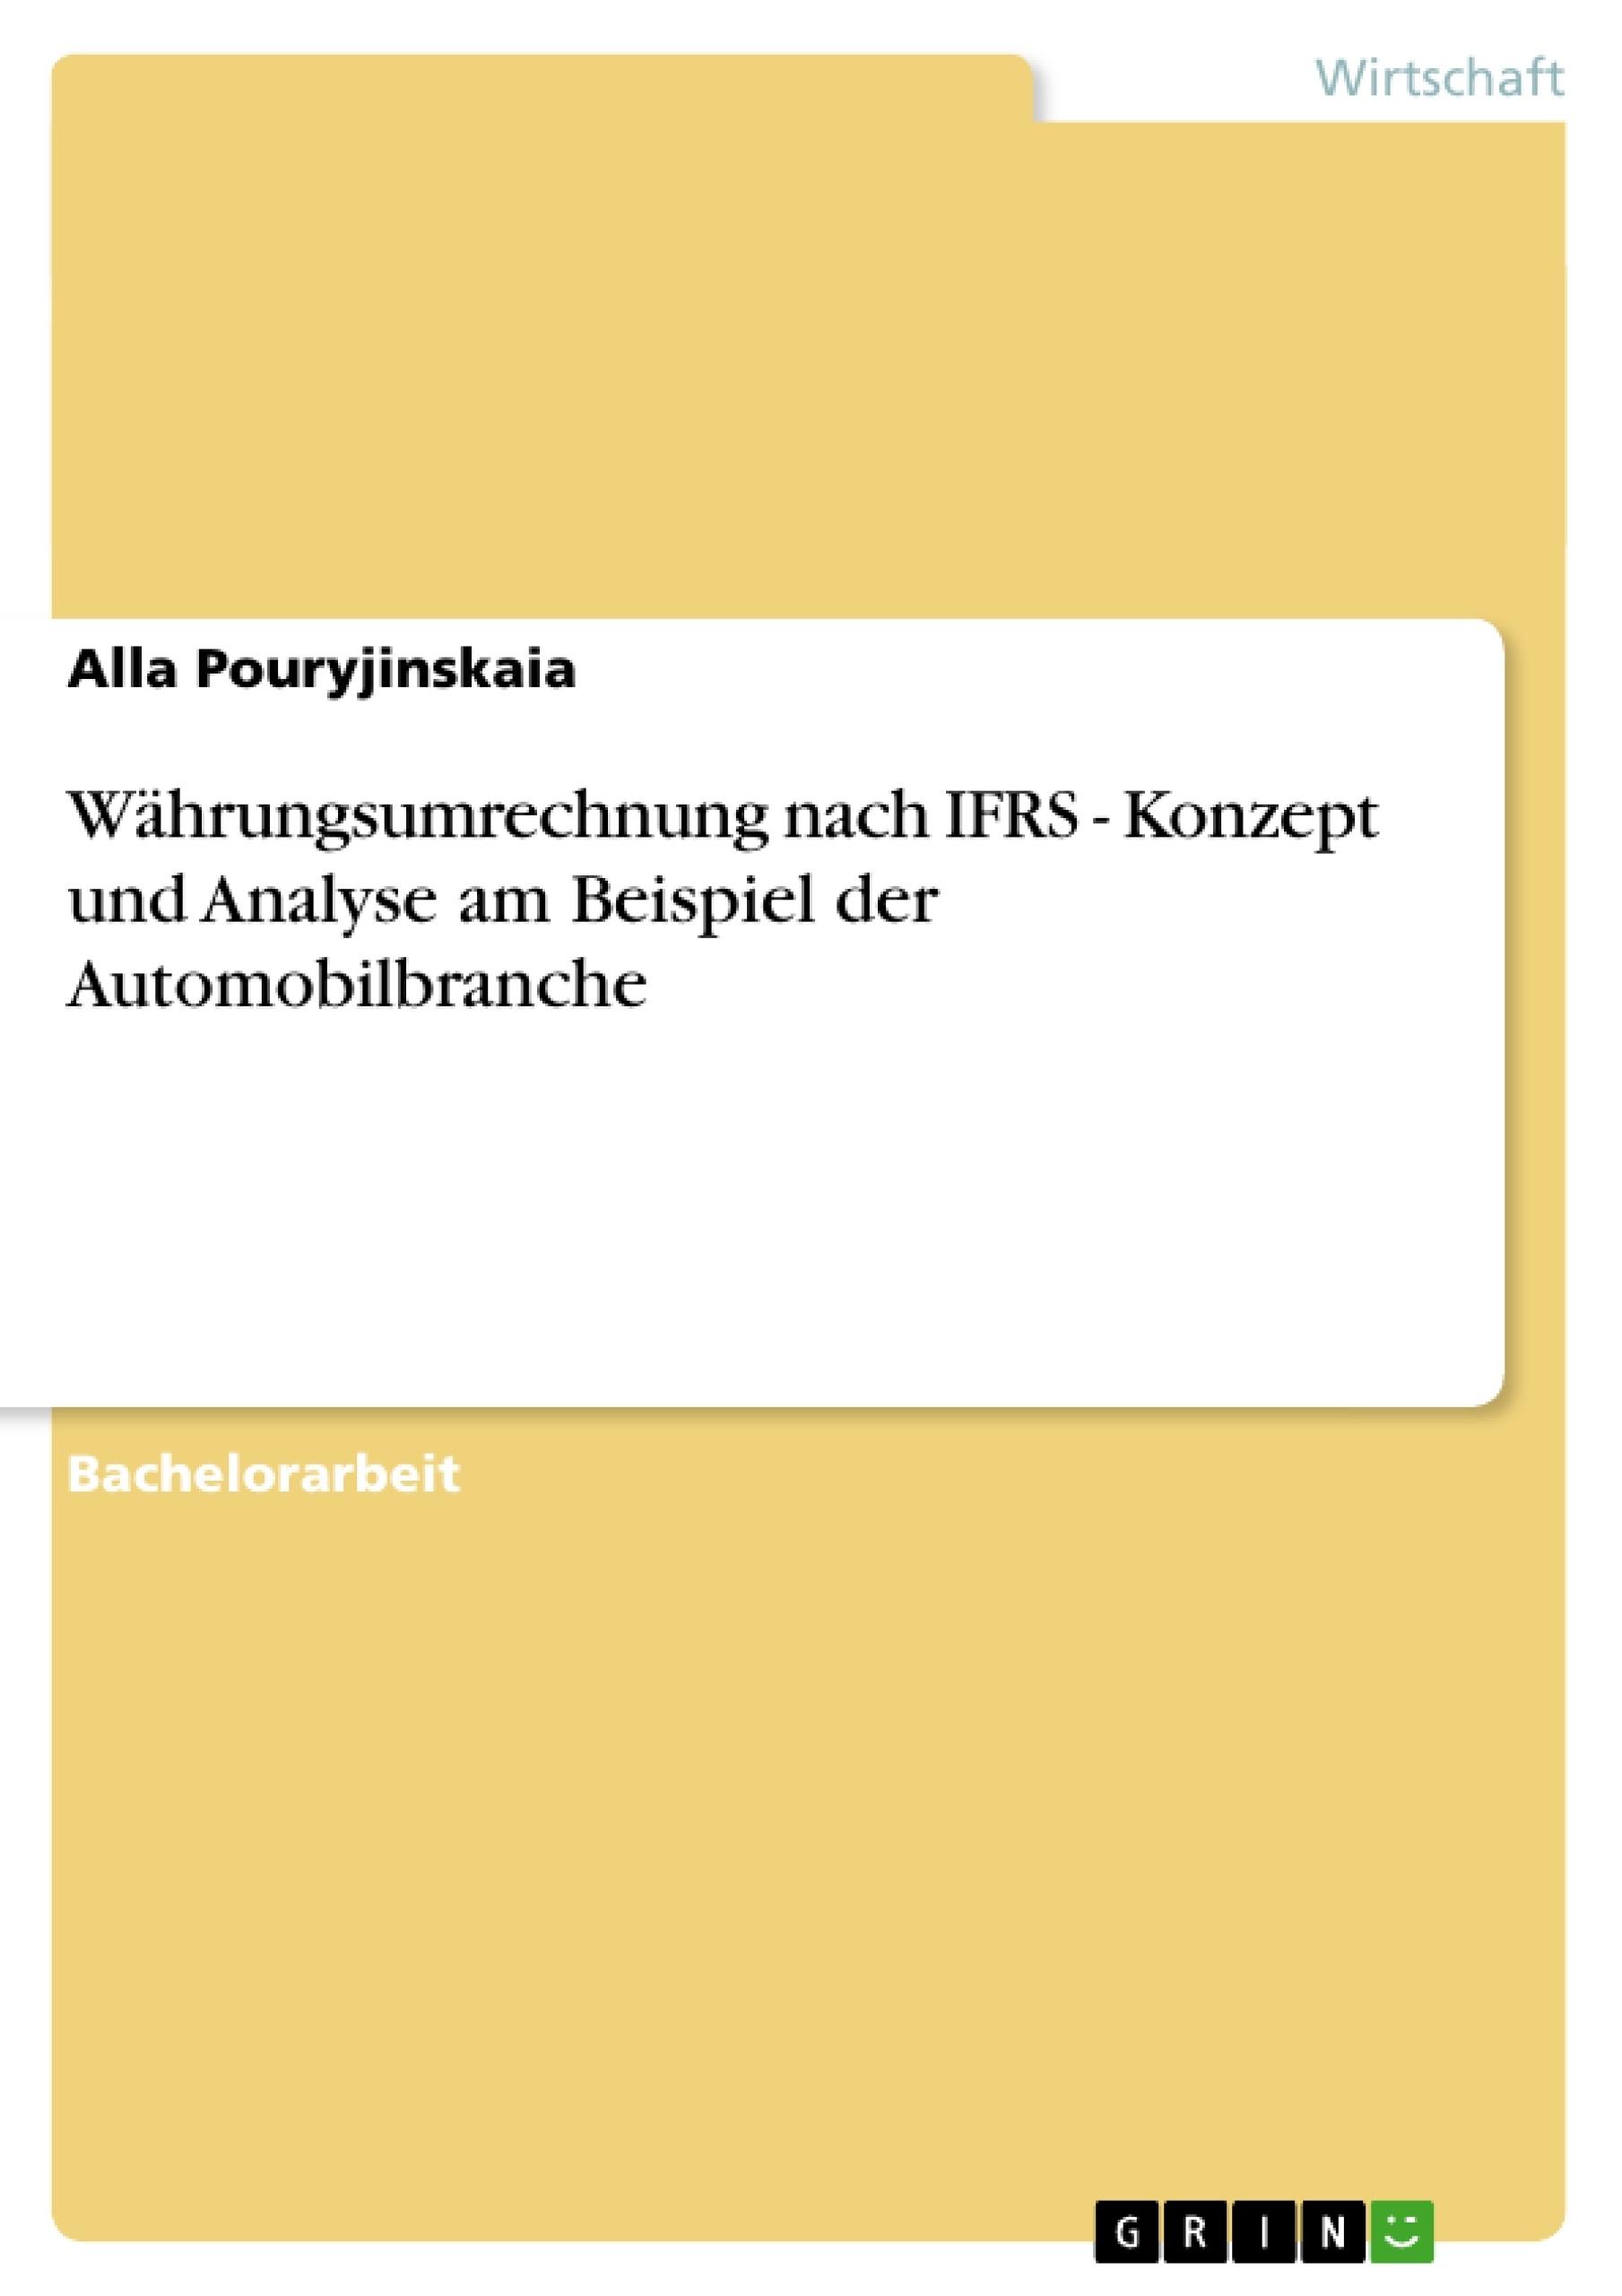 Titel: Währungsumrechnung nach IFRS - Konzept und Analyse am Beispiel der Automobilbranche